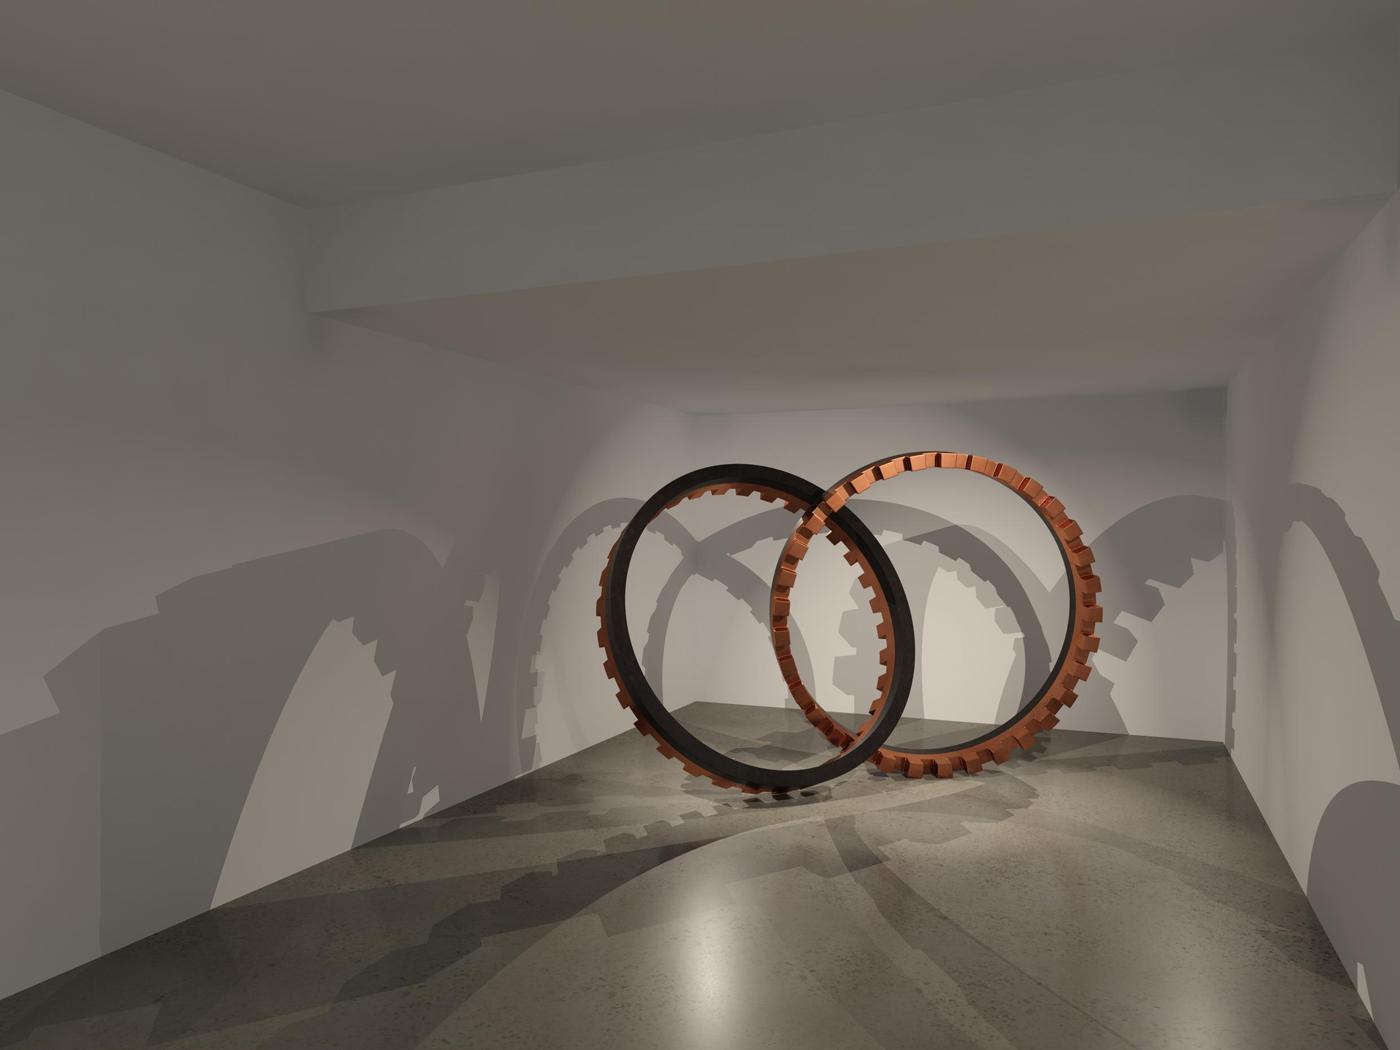 Escultura-en-espacio-interior06